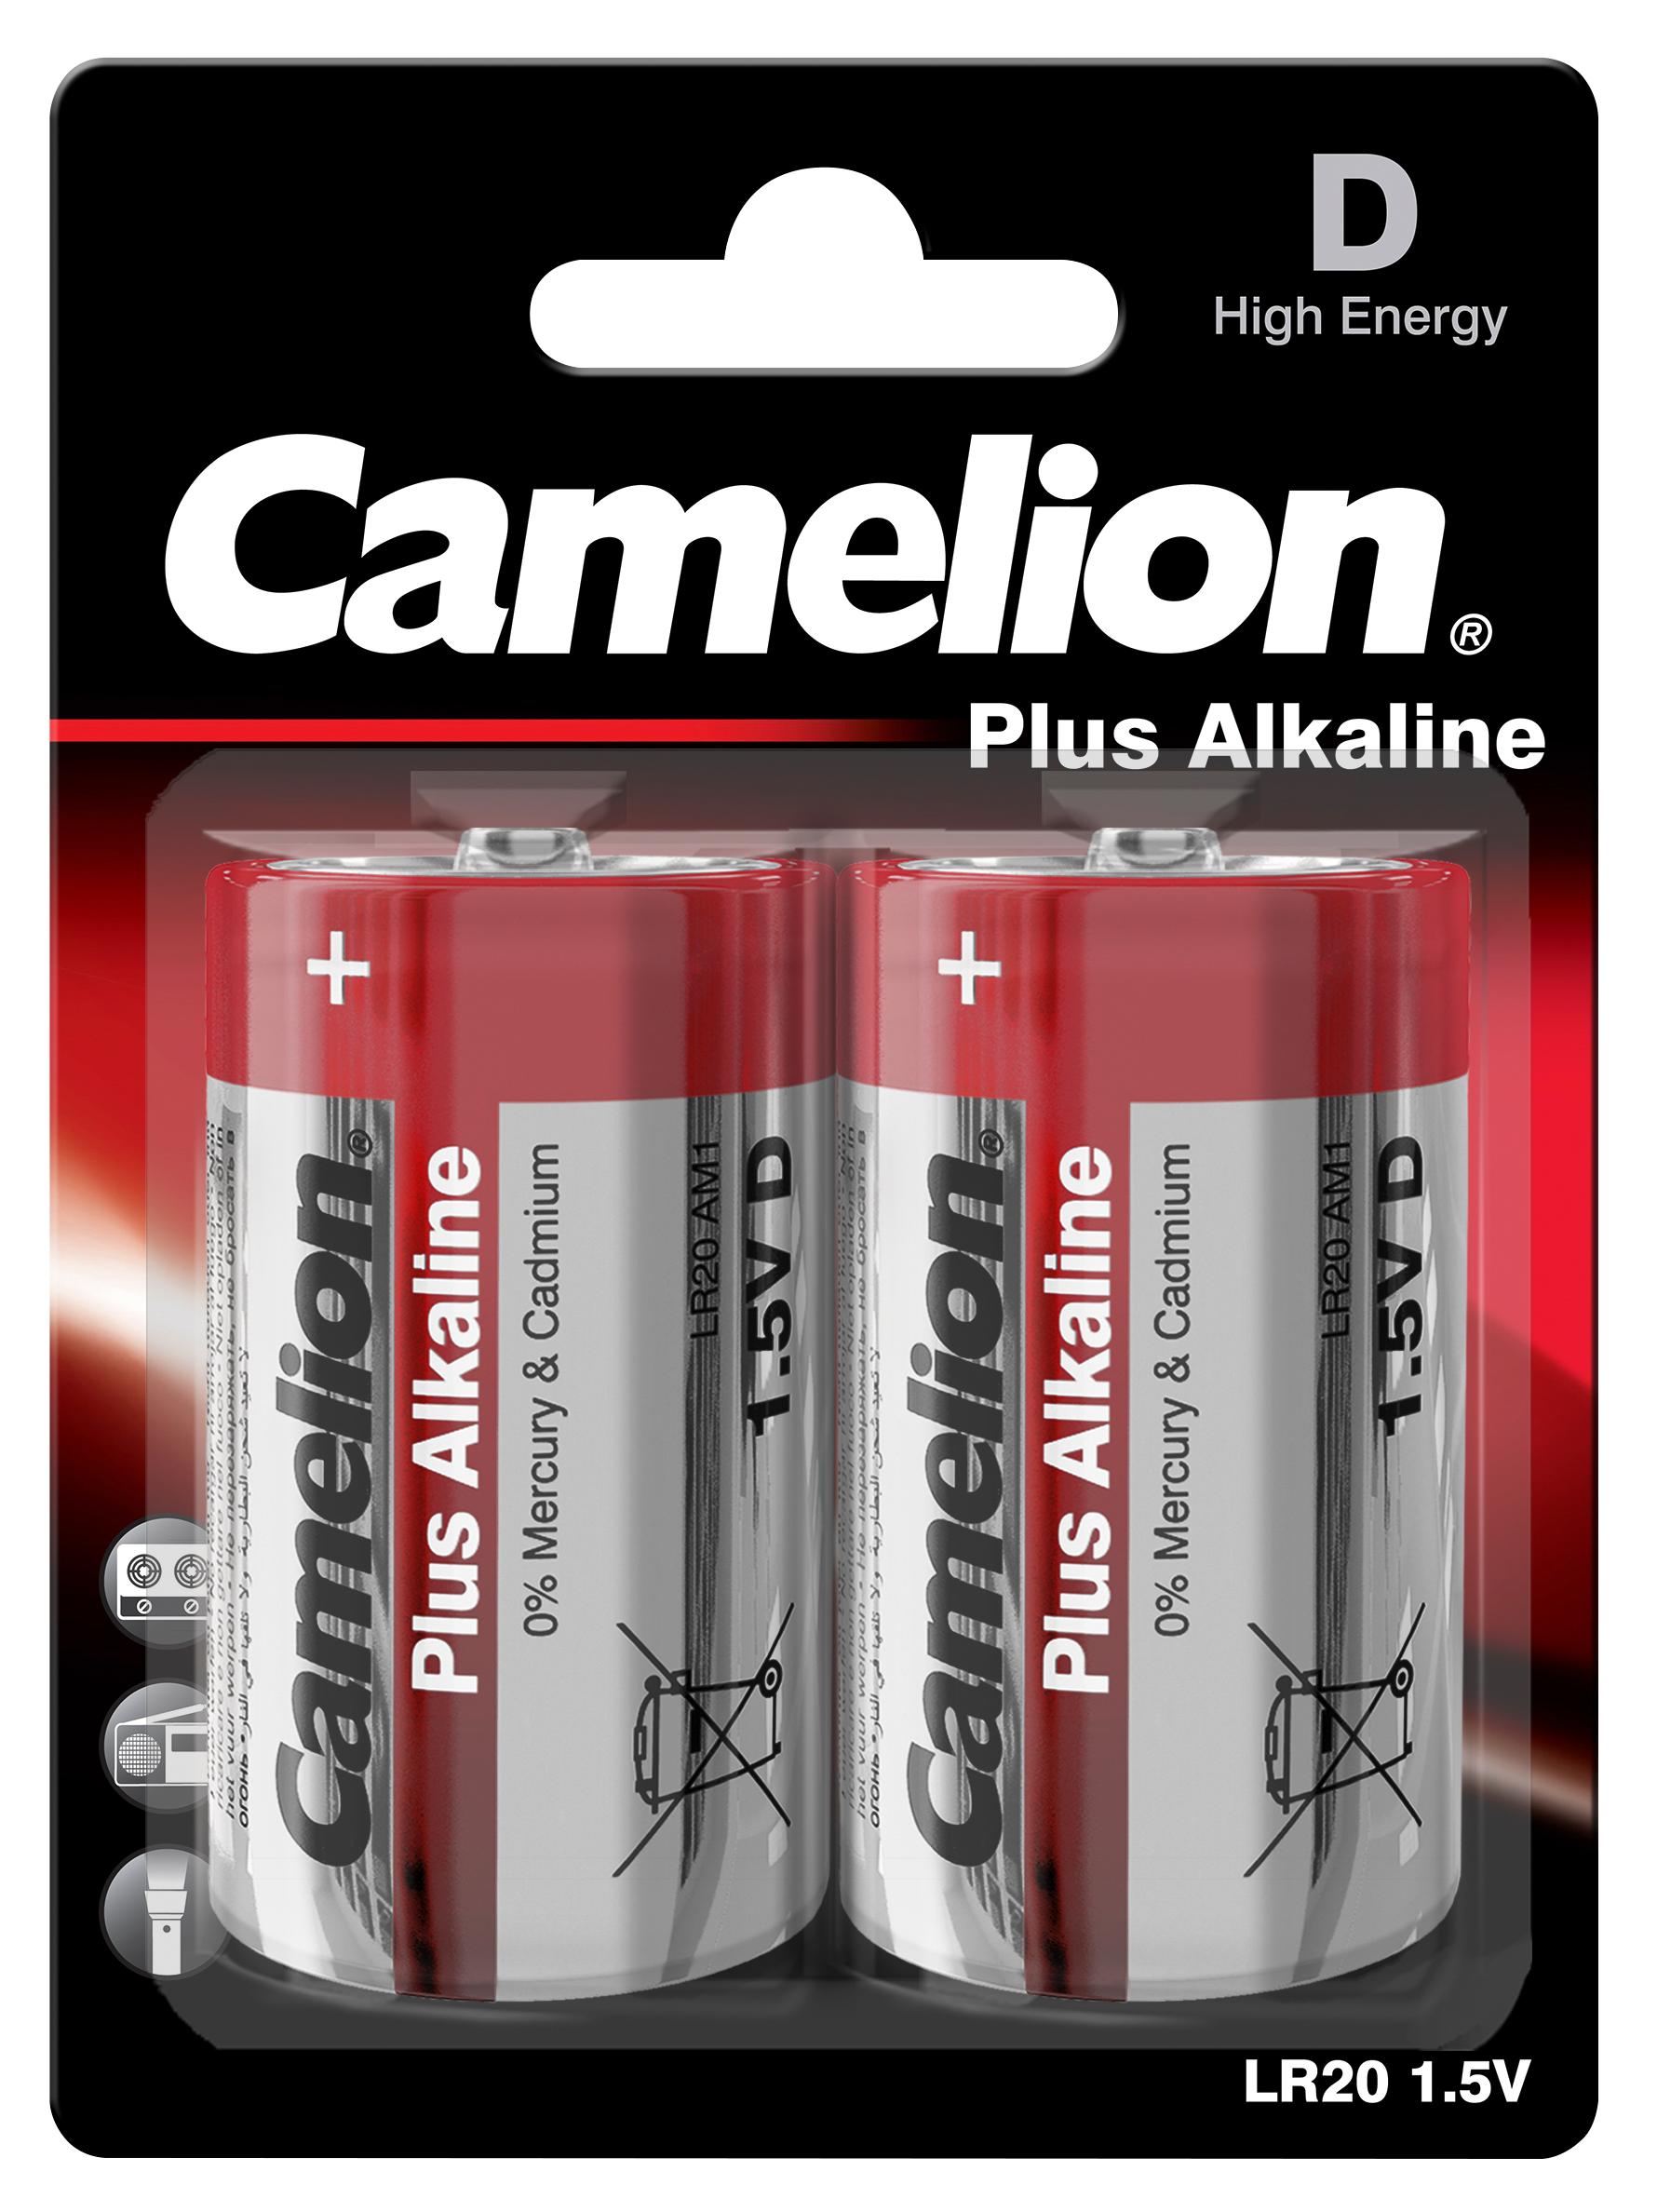 mono batterie camelion plus alkaline 1 5 v typ d lr20. Black Bedroom Furniture Sets. Home Design Ideas